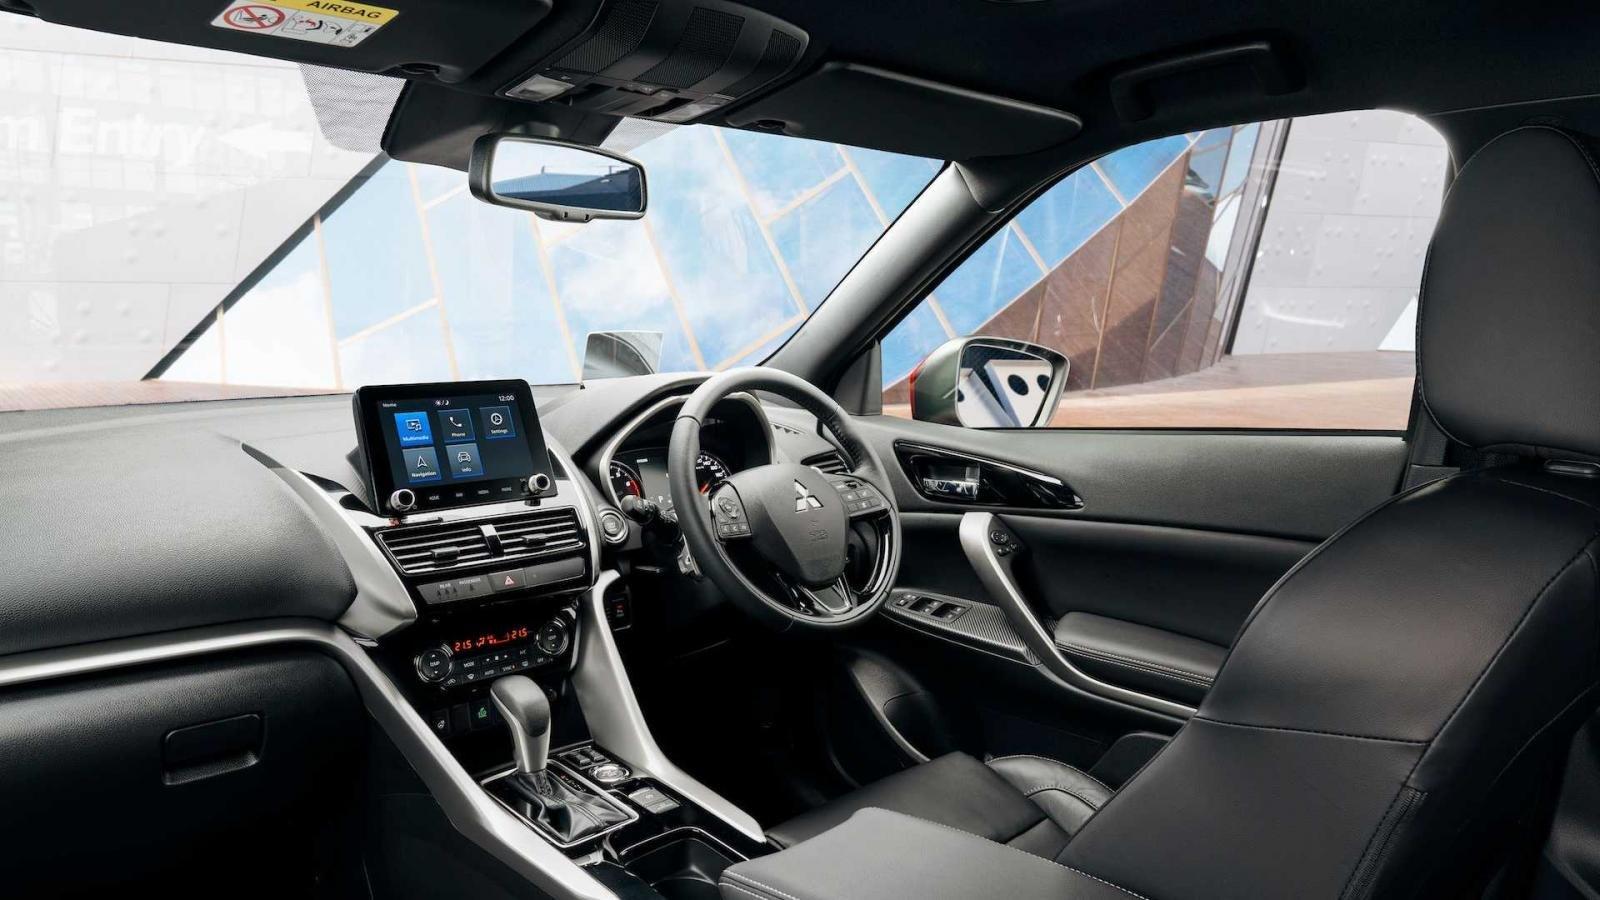 Mitsubishi Eclipse Cross 2022 tinh chỉnh hiện đại hơn.